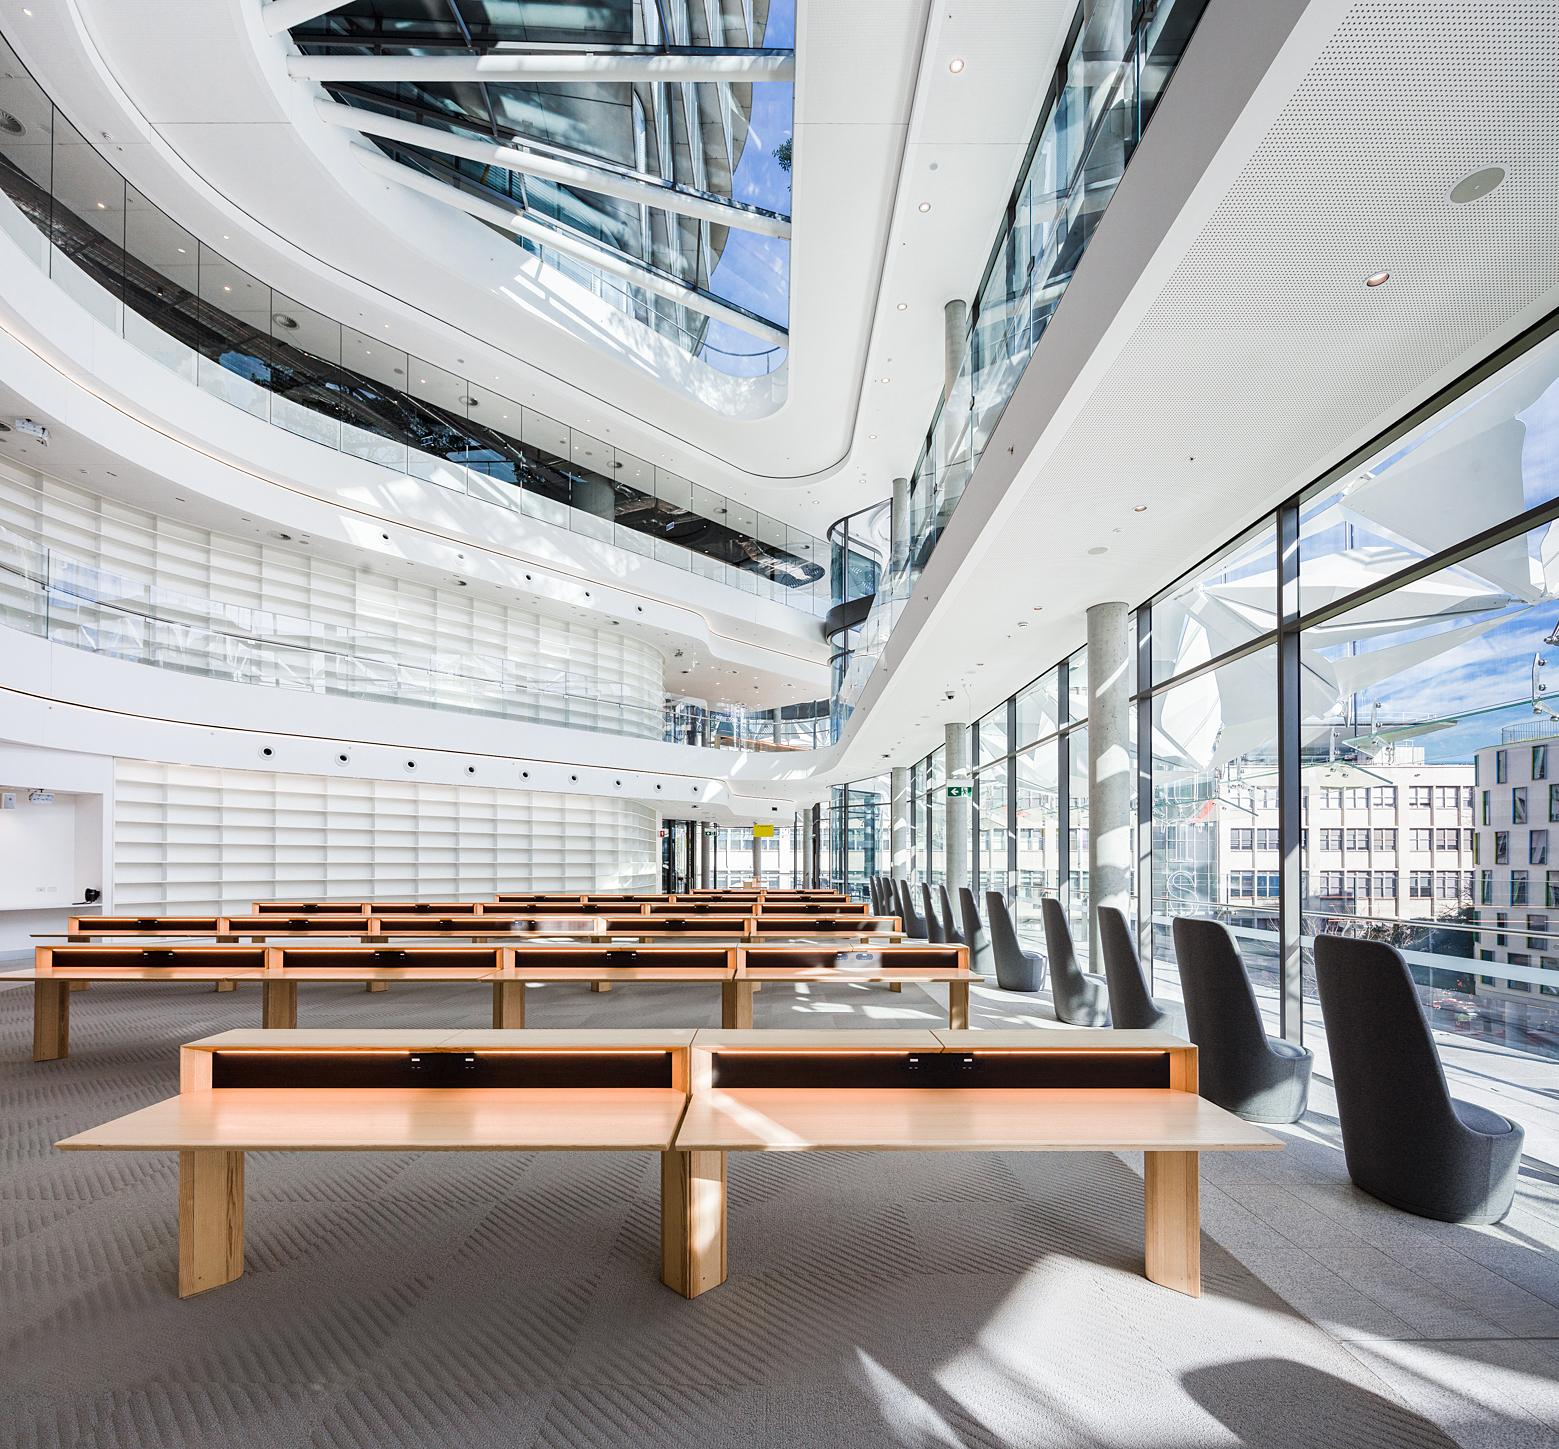 Khuôn viên chính của trường Đại học Công nghệ Sydney.